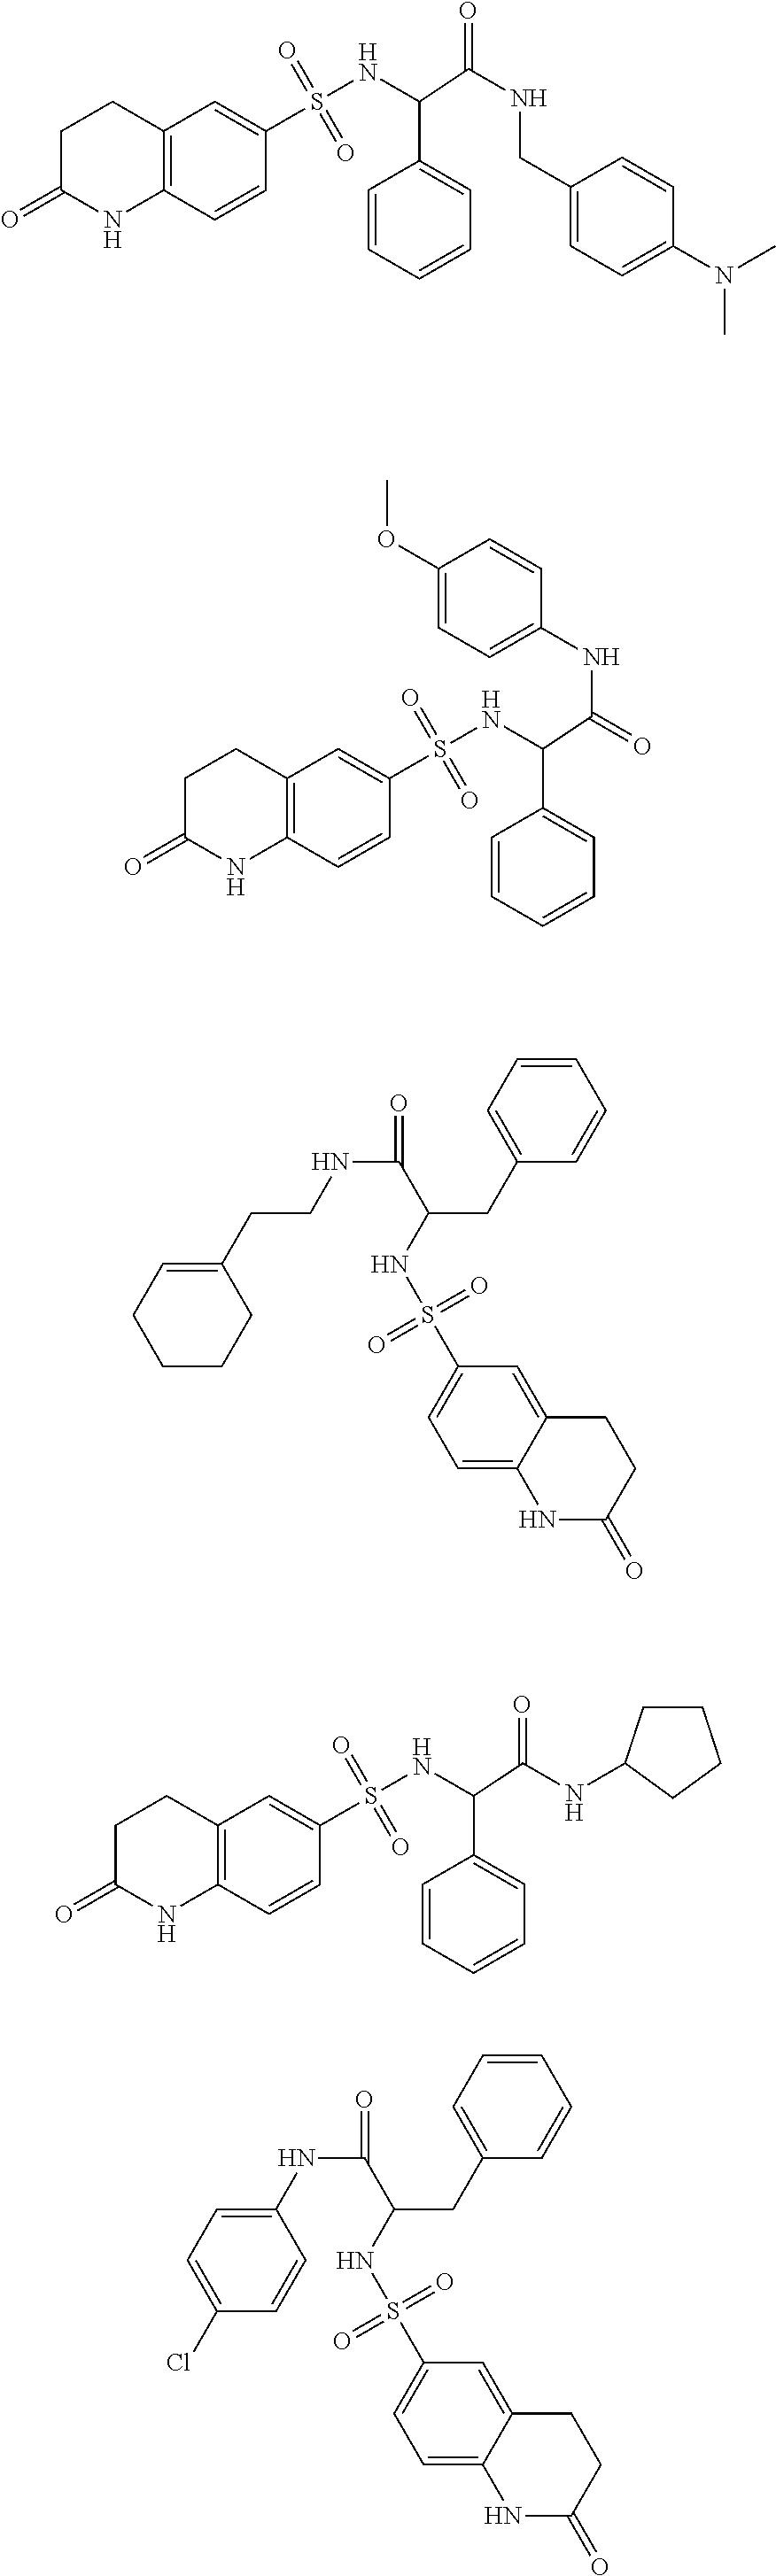 Figure US08957075-20150217-C00020